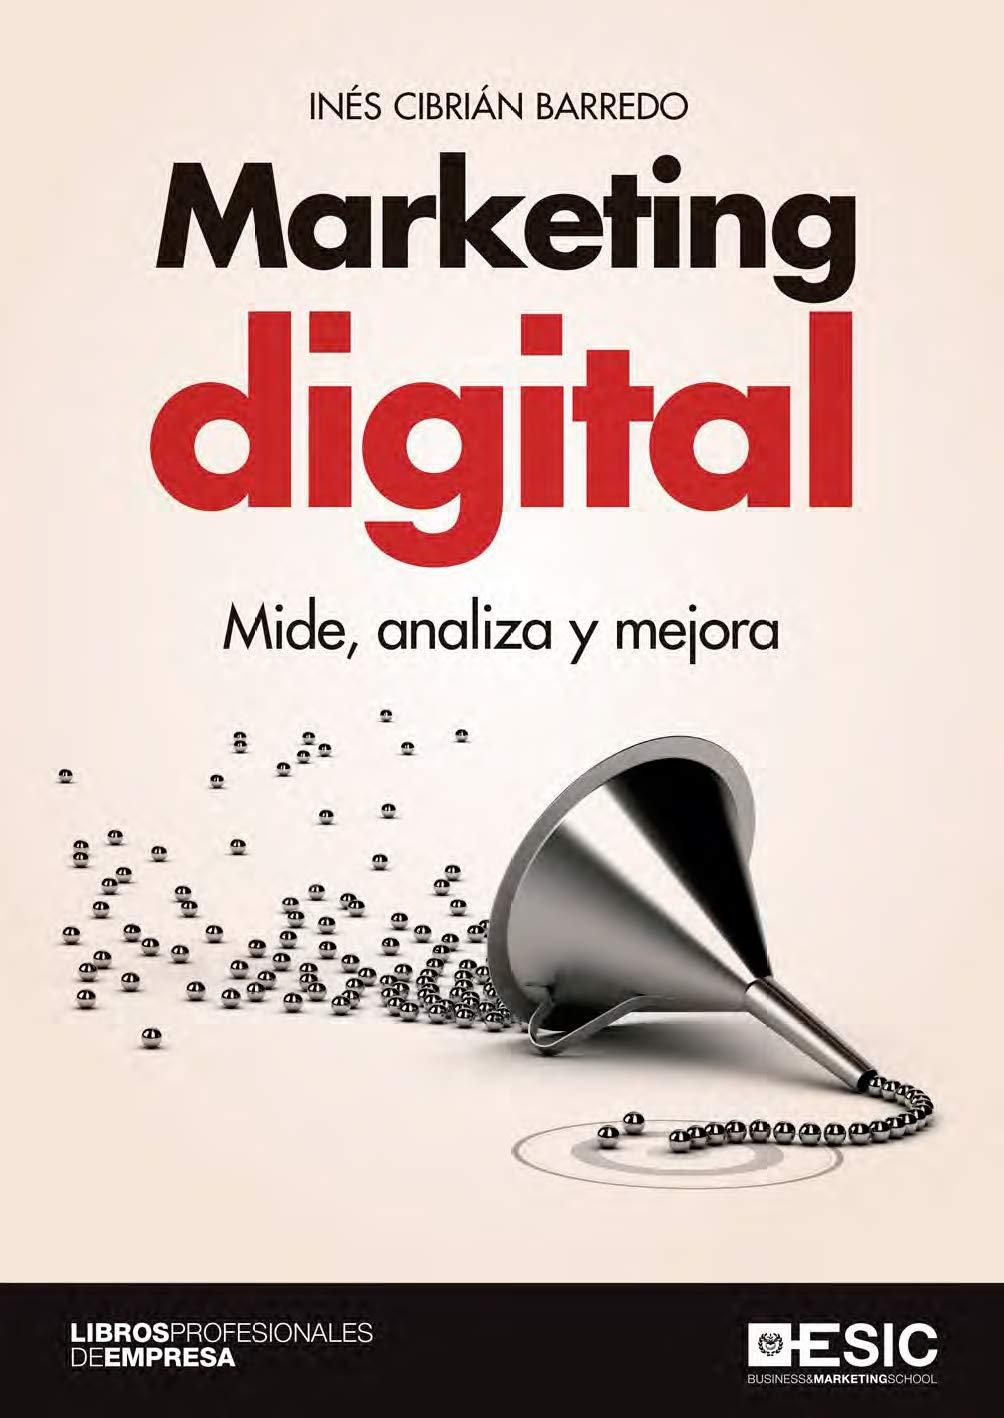 Marketing digital. Mide, analiza y mejora: Amazon.es: Cibrián Barredo, Inés: Libros